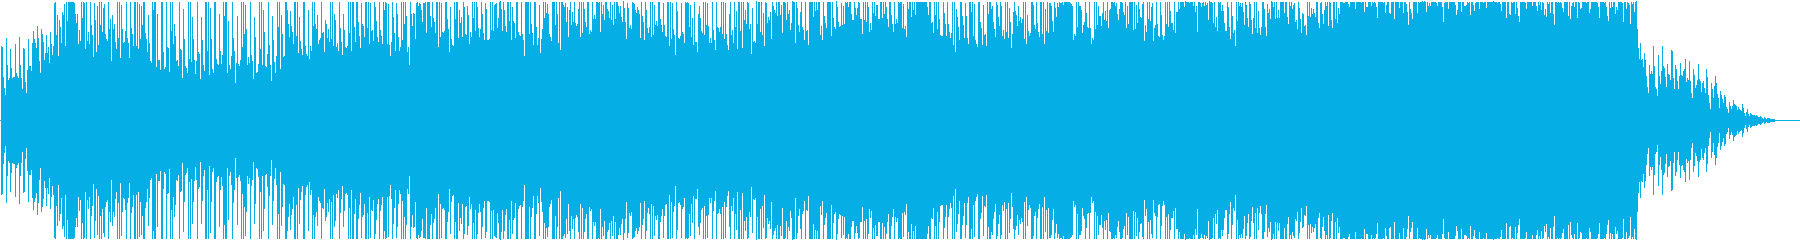 【バンド系】ミドルテンポのピアノバラードの再生済みの波形